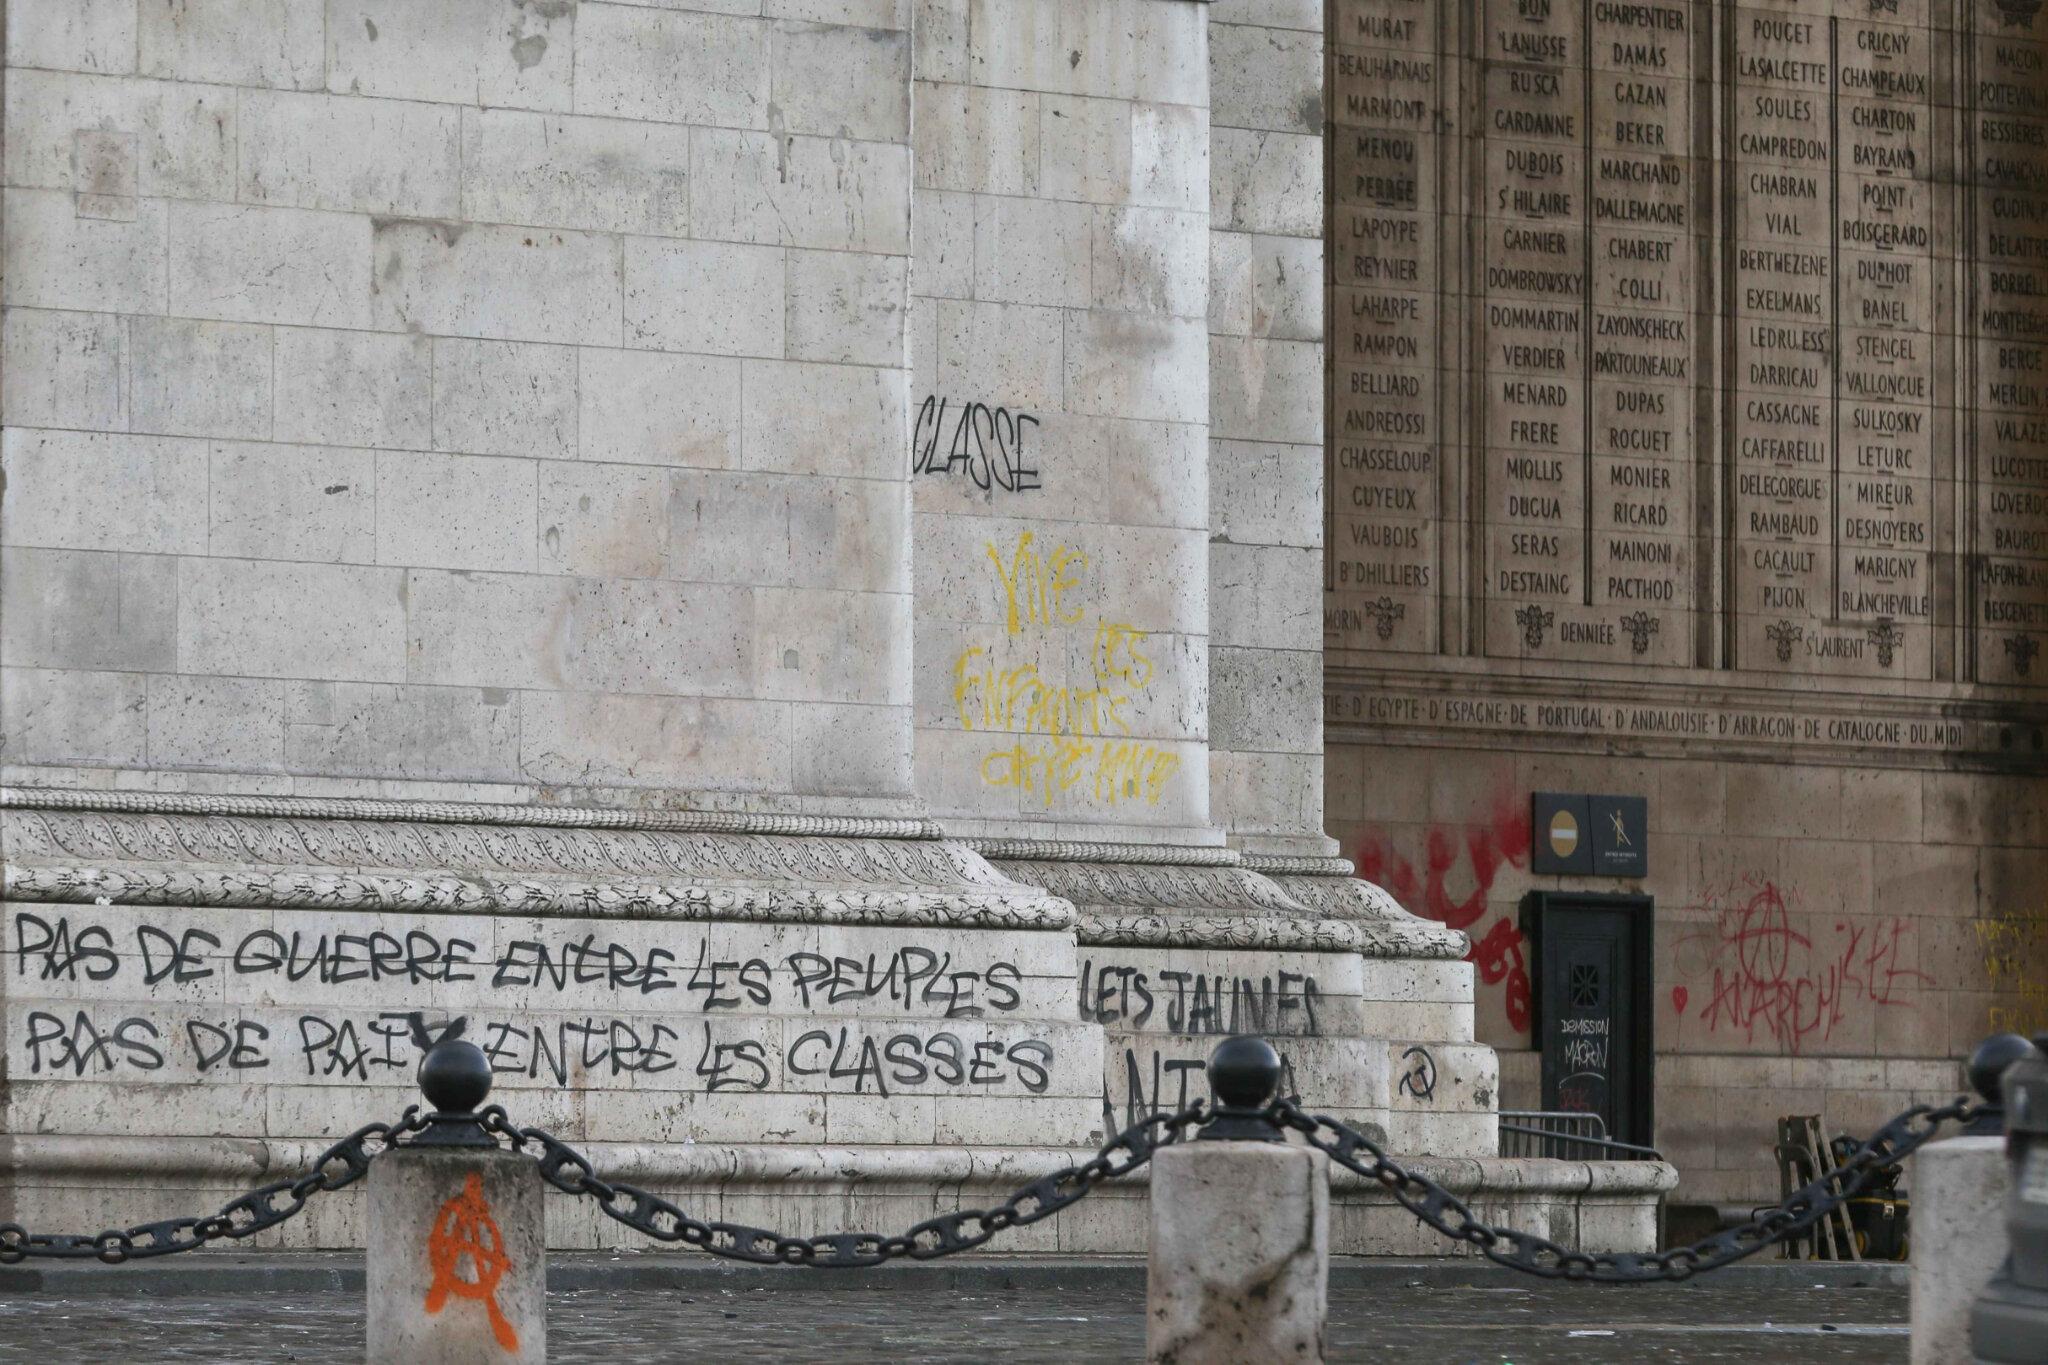 Gilets jaunes : l'Arc de Triomphe pris d'assaut. © Michel Stoupak. Dim 02.12.2018, 10h55m36.